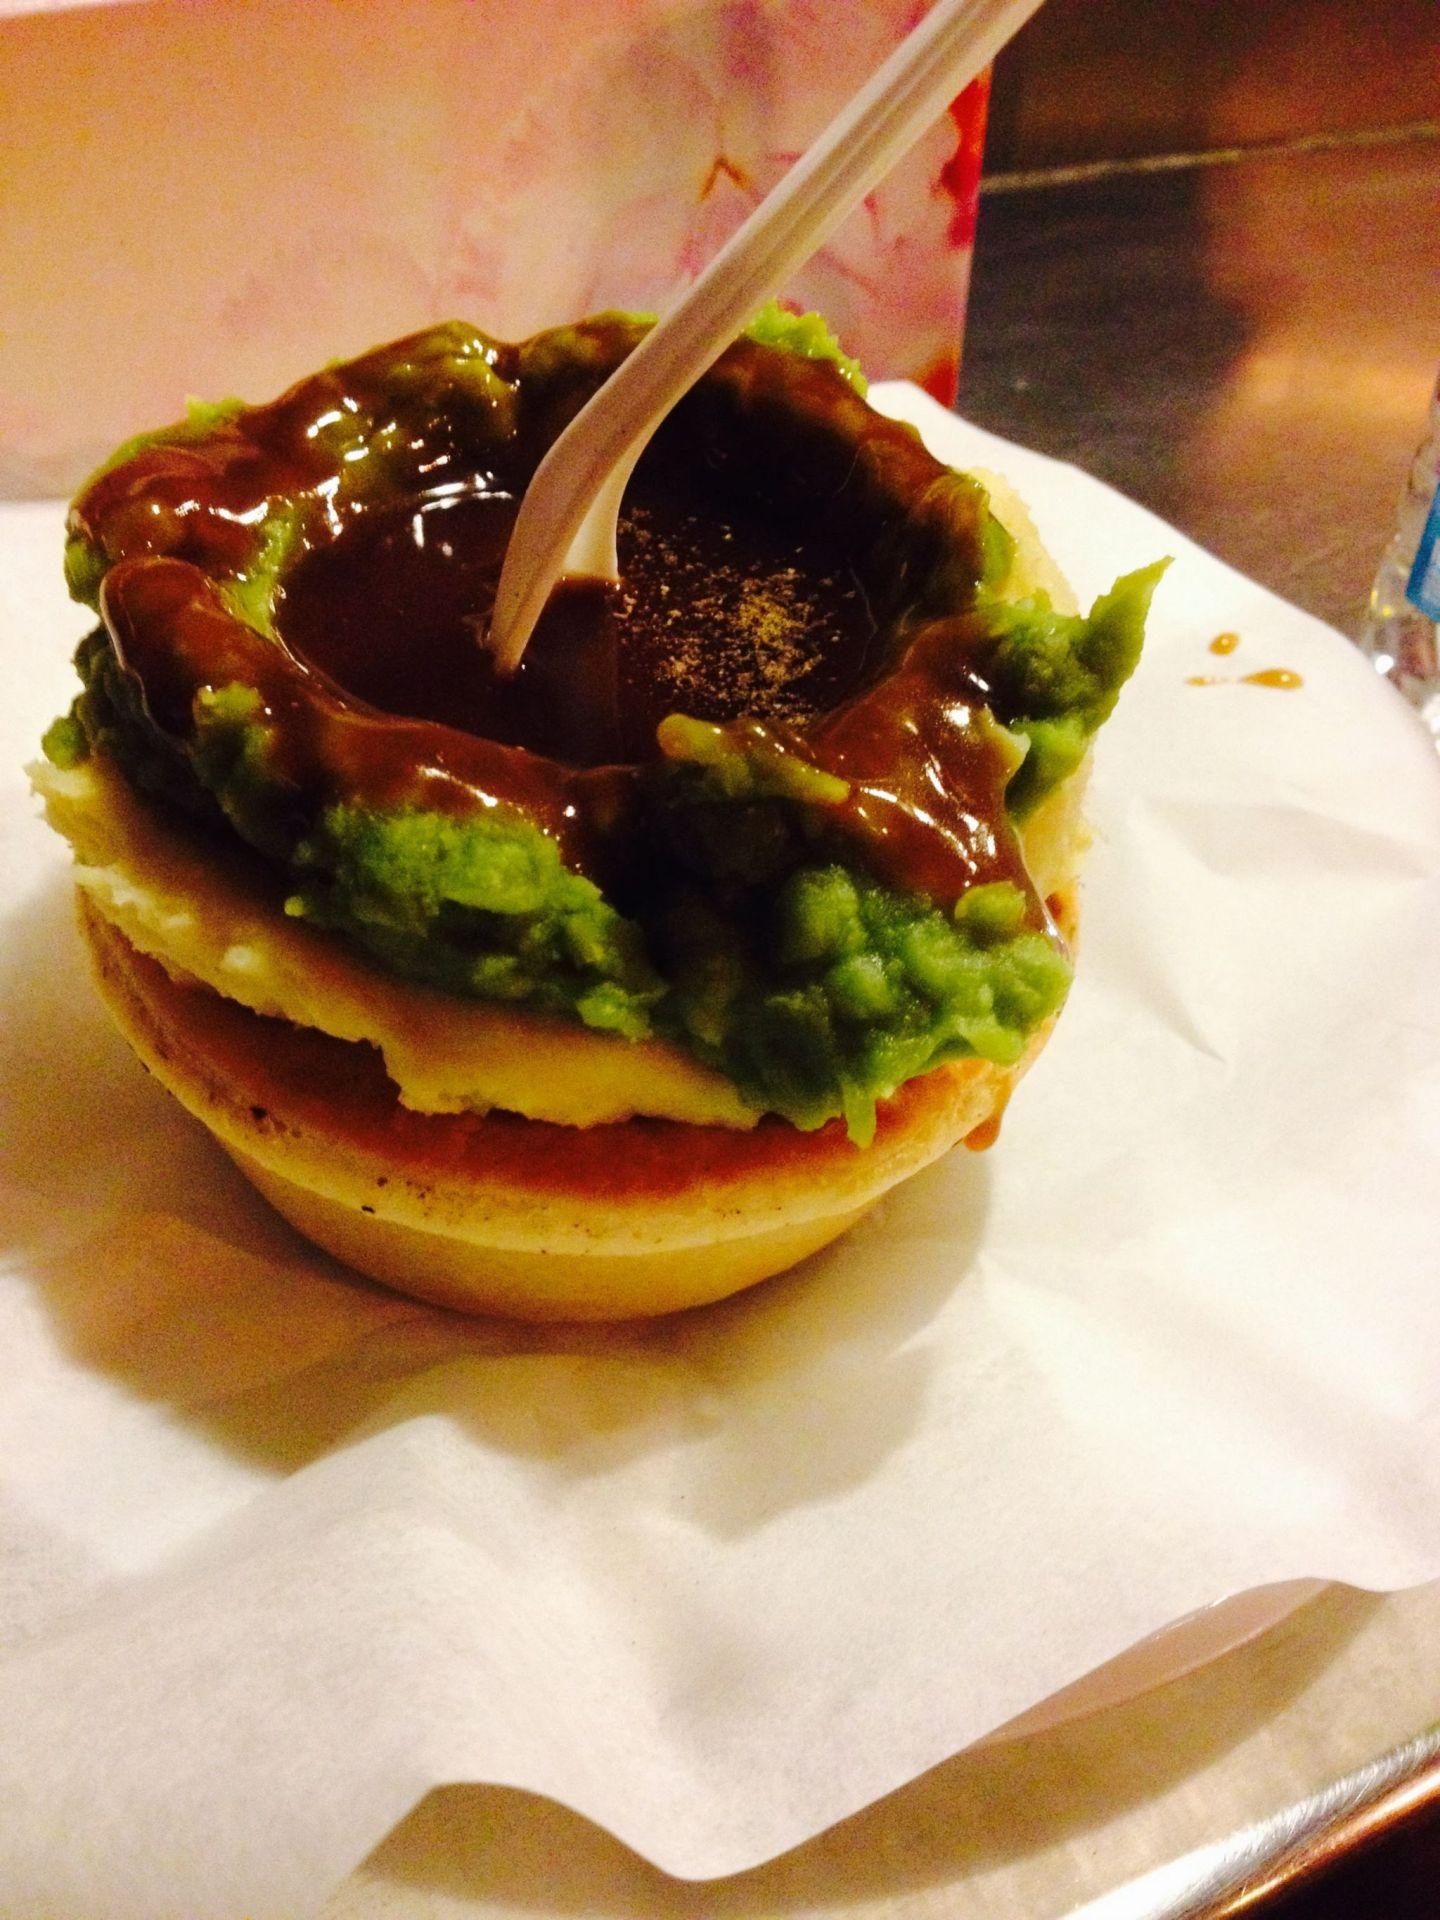 An Aussie meat pie at Harry's Cafe de Wheels, Woolloomooloo